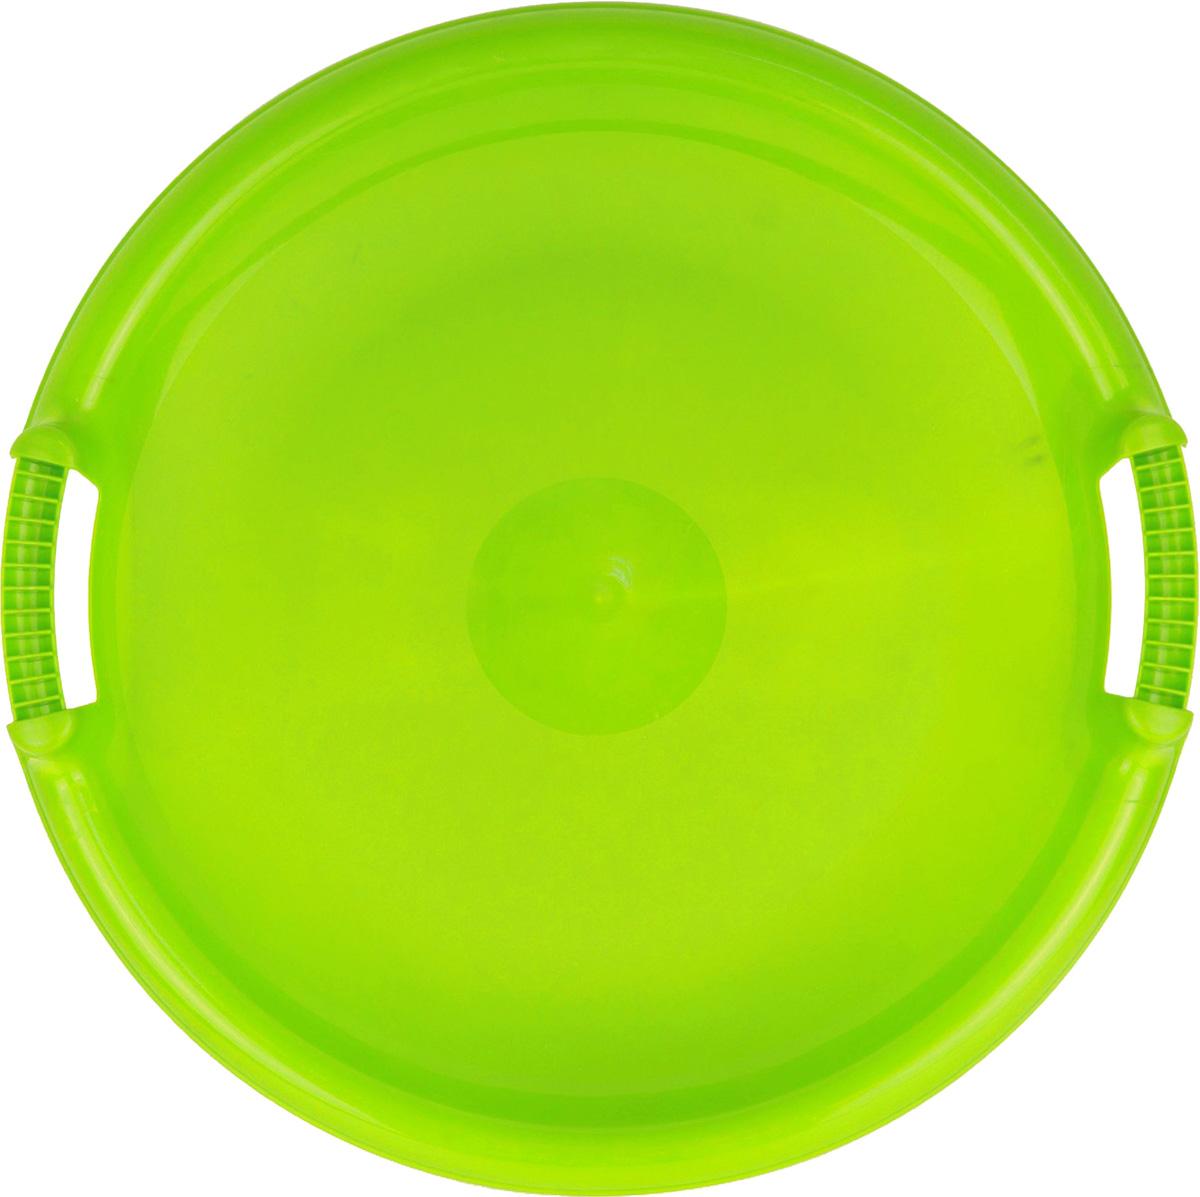 Zebratoys Ледянка большая круглая цвет зеленый15-987_зеленыйЛедянка большая круглая имеет удобный большой размер, который позволяет прокатиться по снежному склону не только детям, но и взрослым. Диаметр круга: 53 см. Ледянка обладает удобными крепкими ручками с двух сторон. Крепкий пластик обеспечит ровное быстрое скольжение и убережет от возможных травм. Выполнена из морозостойкого пластика в ярких цветах, которые отлично будут смотреться на снежных склонах.